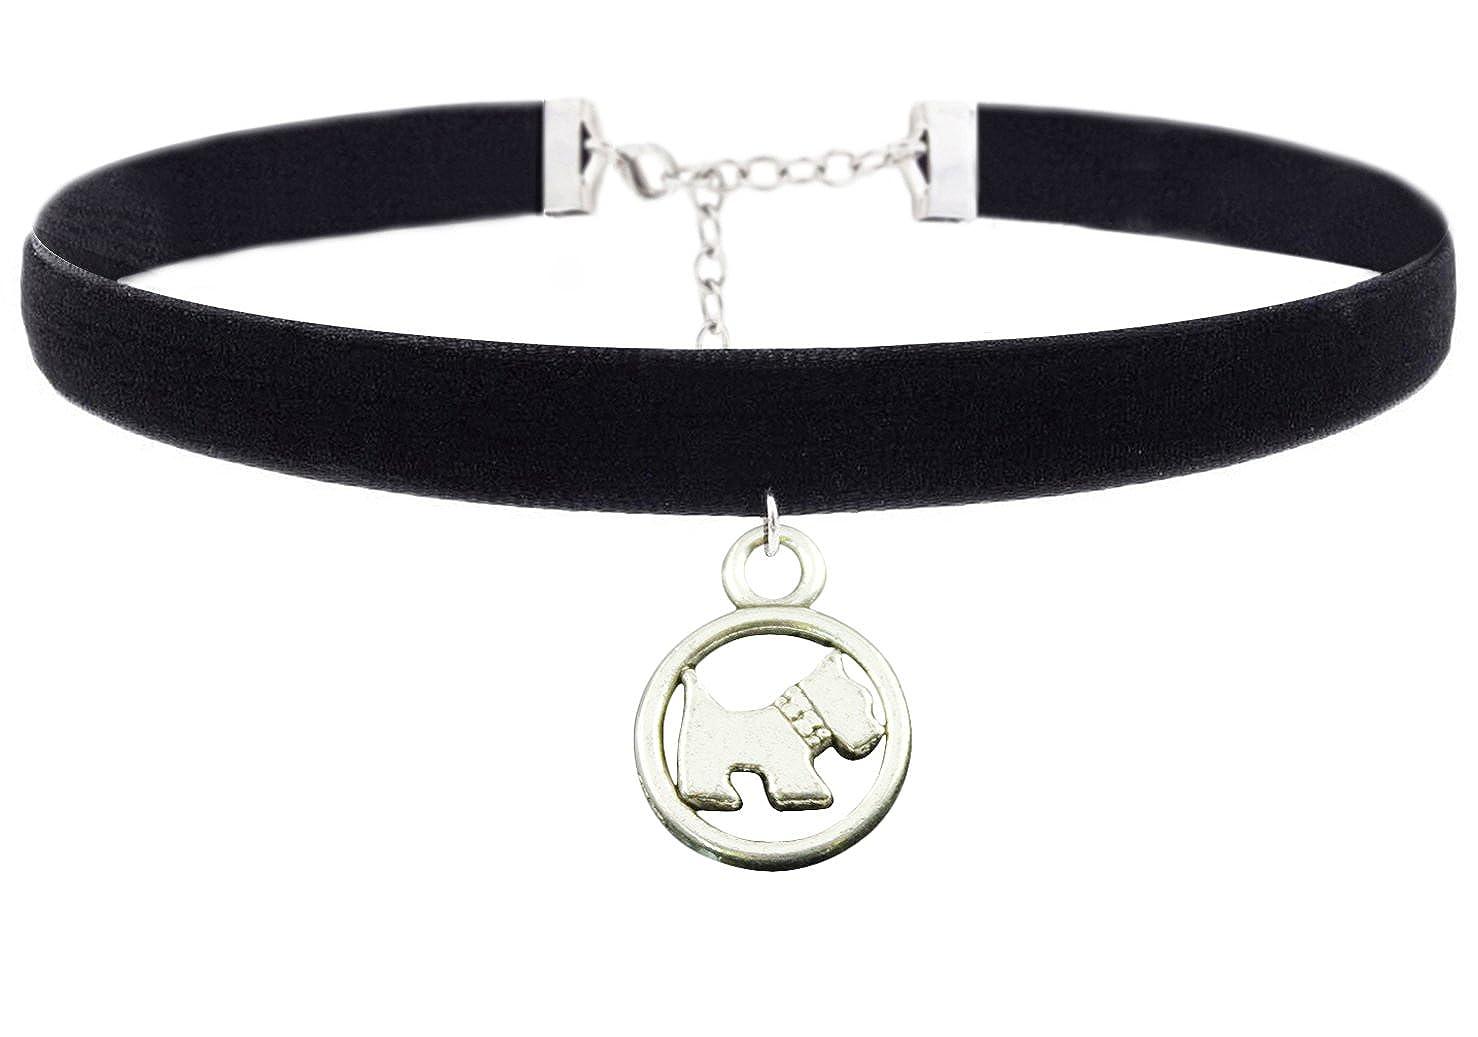 Colgante encantador del perro Niñas Chicas Negro Velvet Vintage Chokers Collar para Mujer Cozylife YS119B